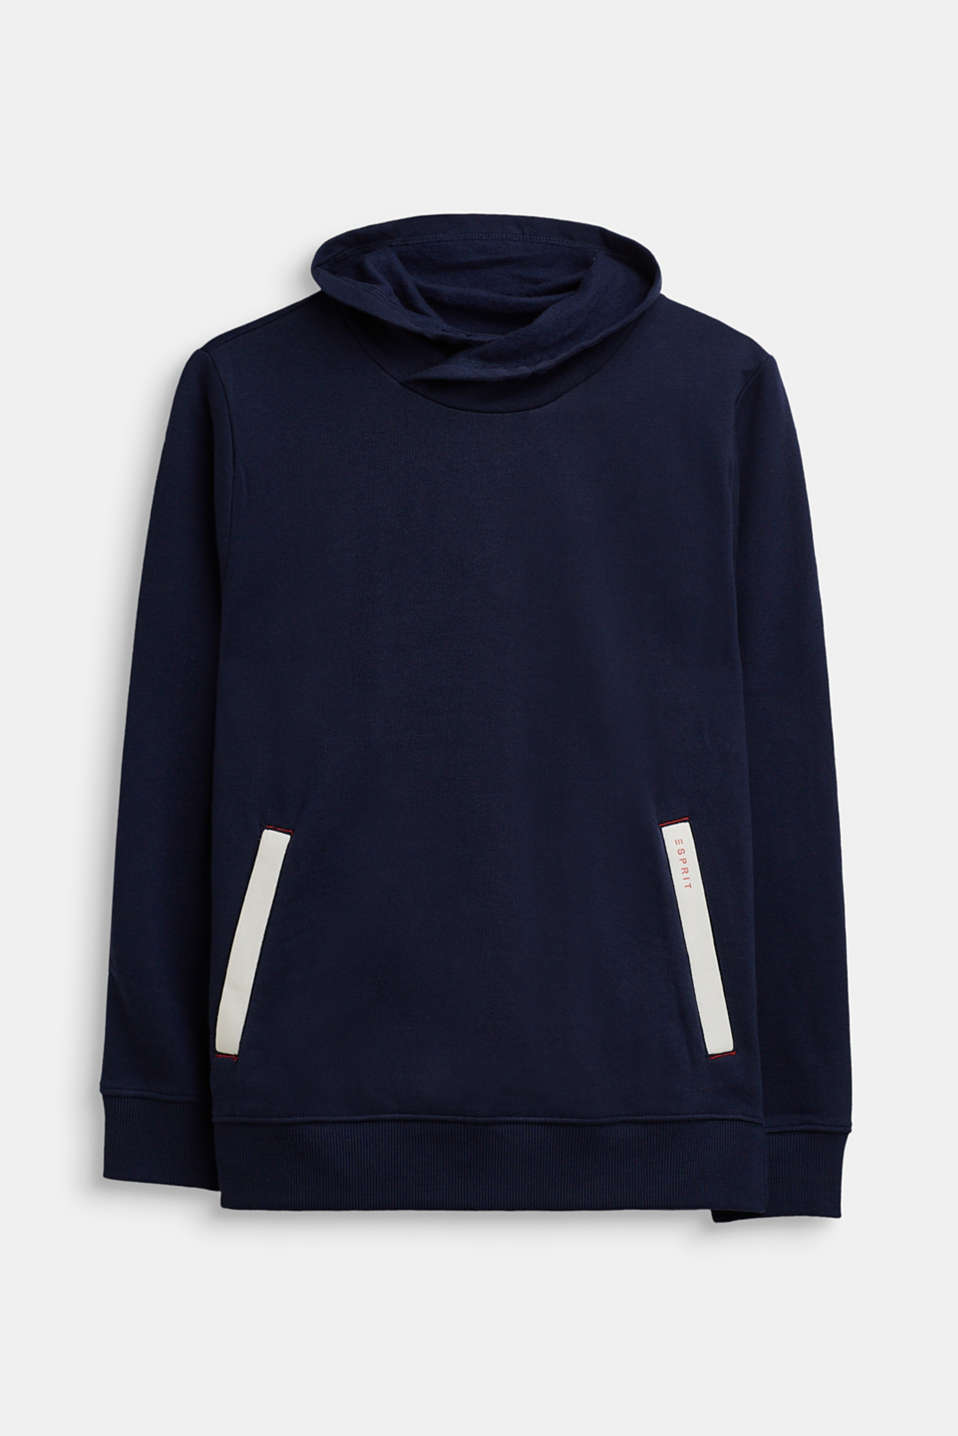 100% cotton jumper, LCNAVY, detail image number 0